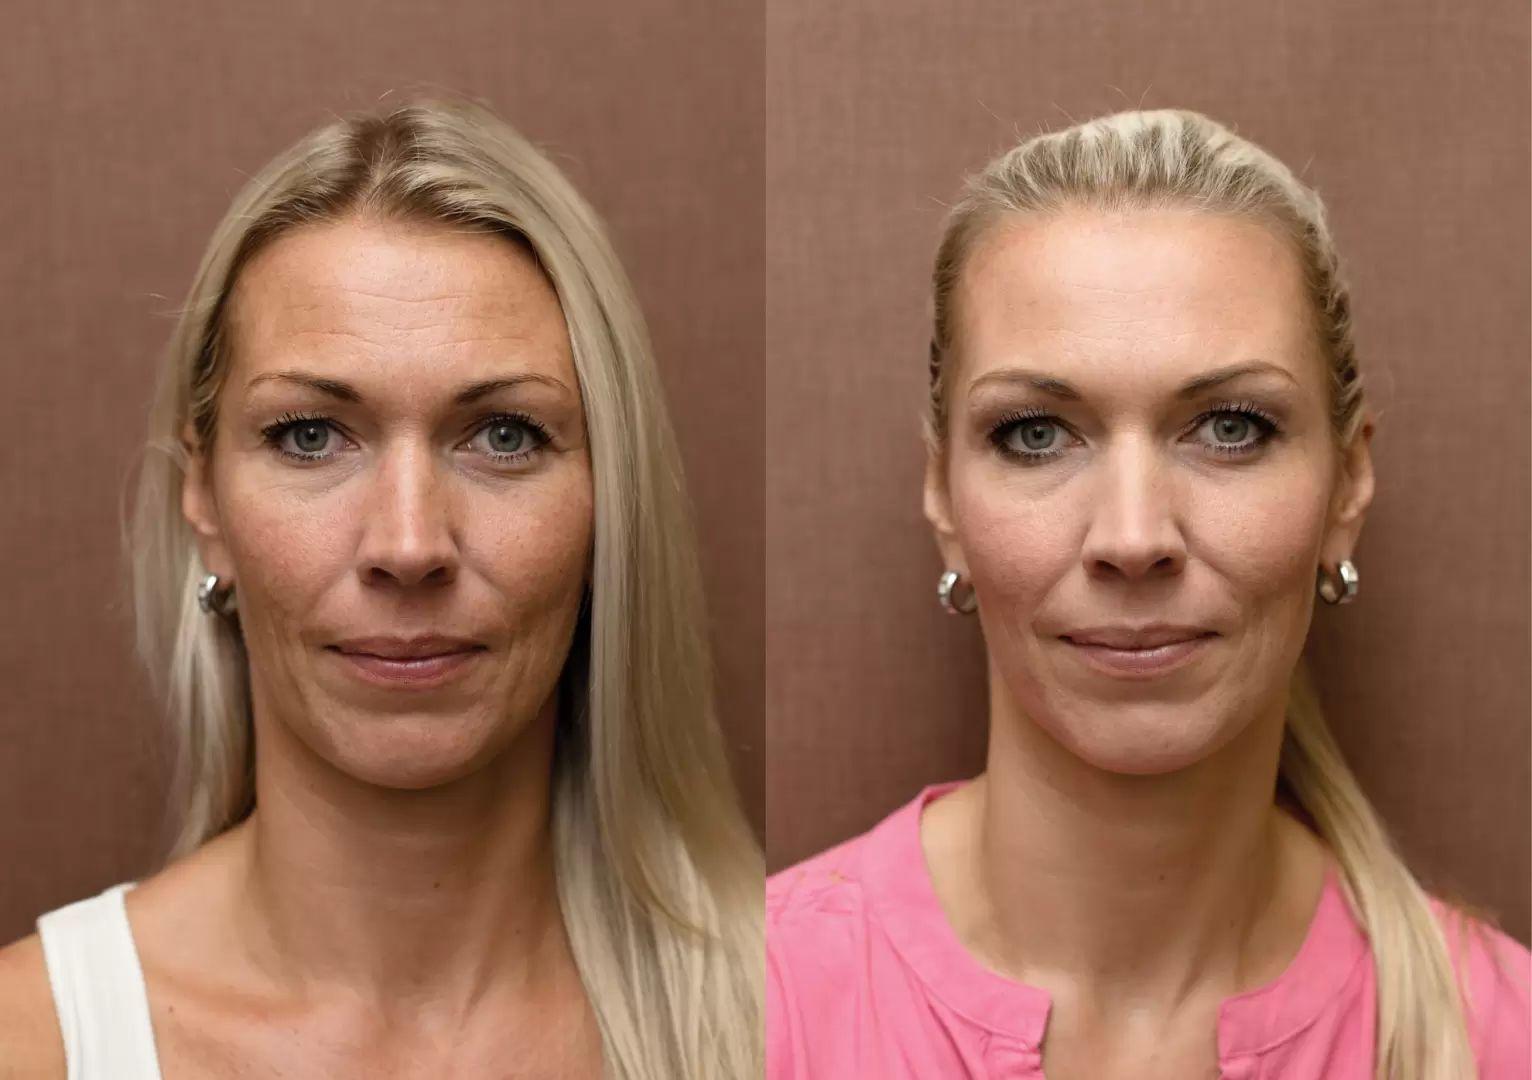 Fotky před a po zákroku estetické dermatologie: chemicky peeling, skinbooster, plasmaterapie, botolutoxin